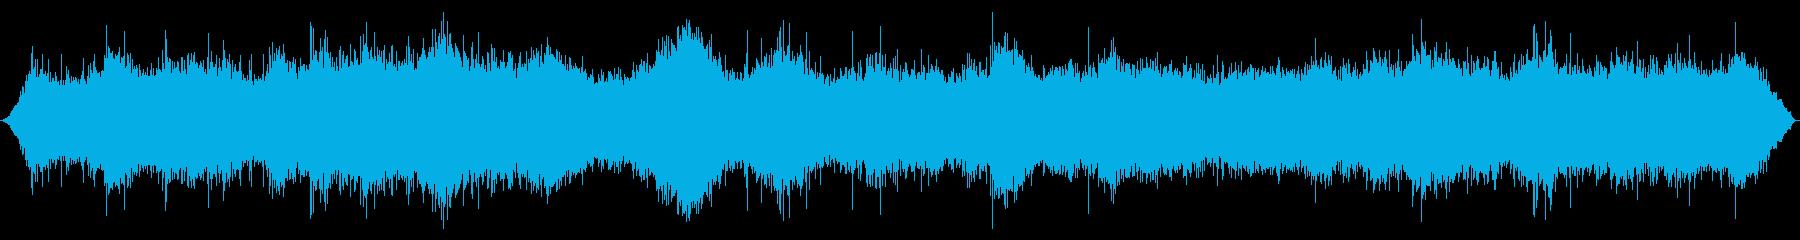 絶え間ないサーフロアで激しい波が来るの再生済みの波形